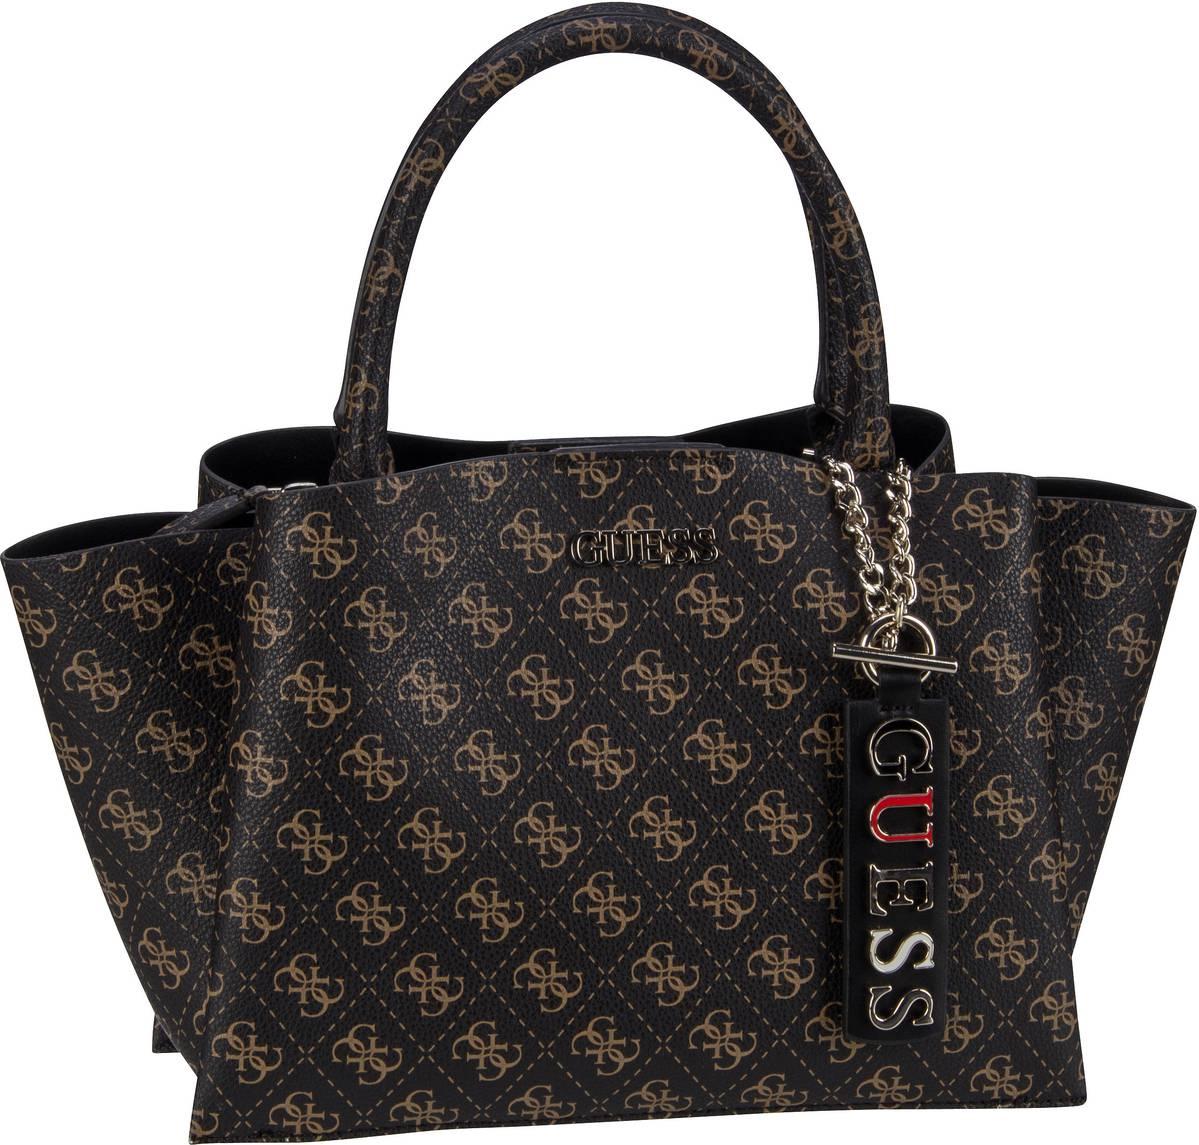 Handtasche Maci Girlfriend Satchel Brown